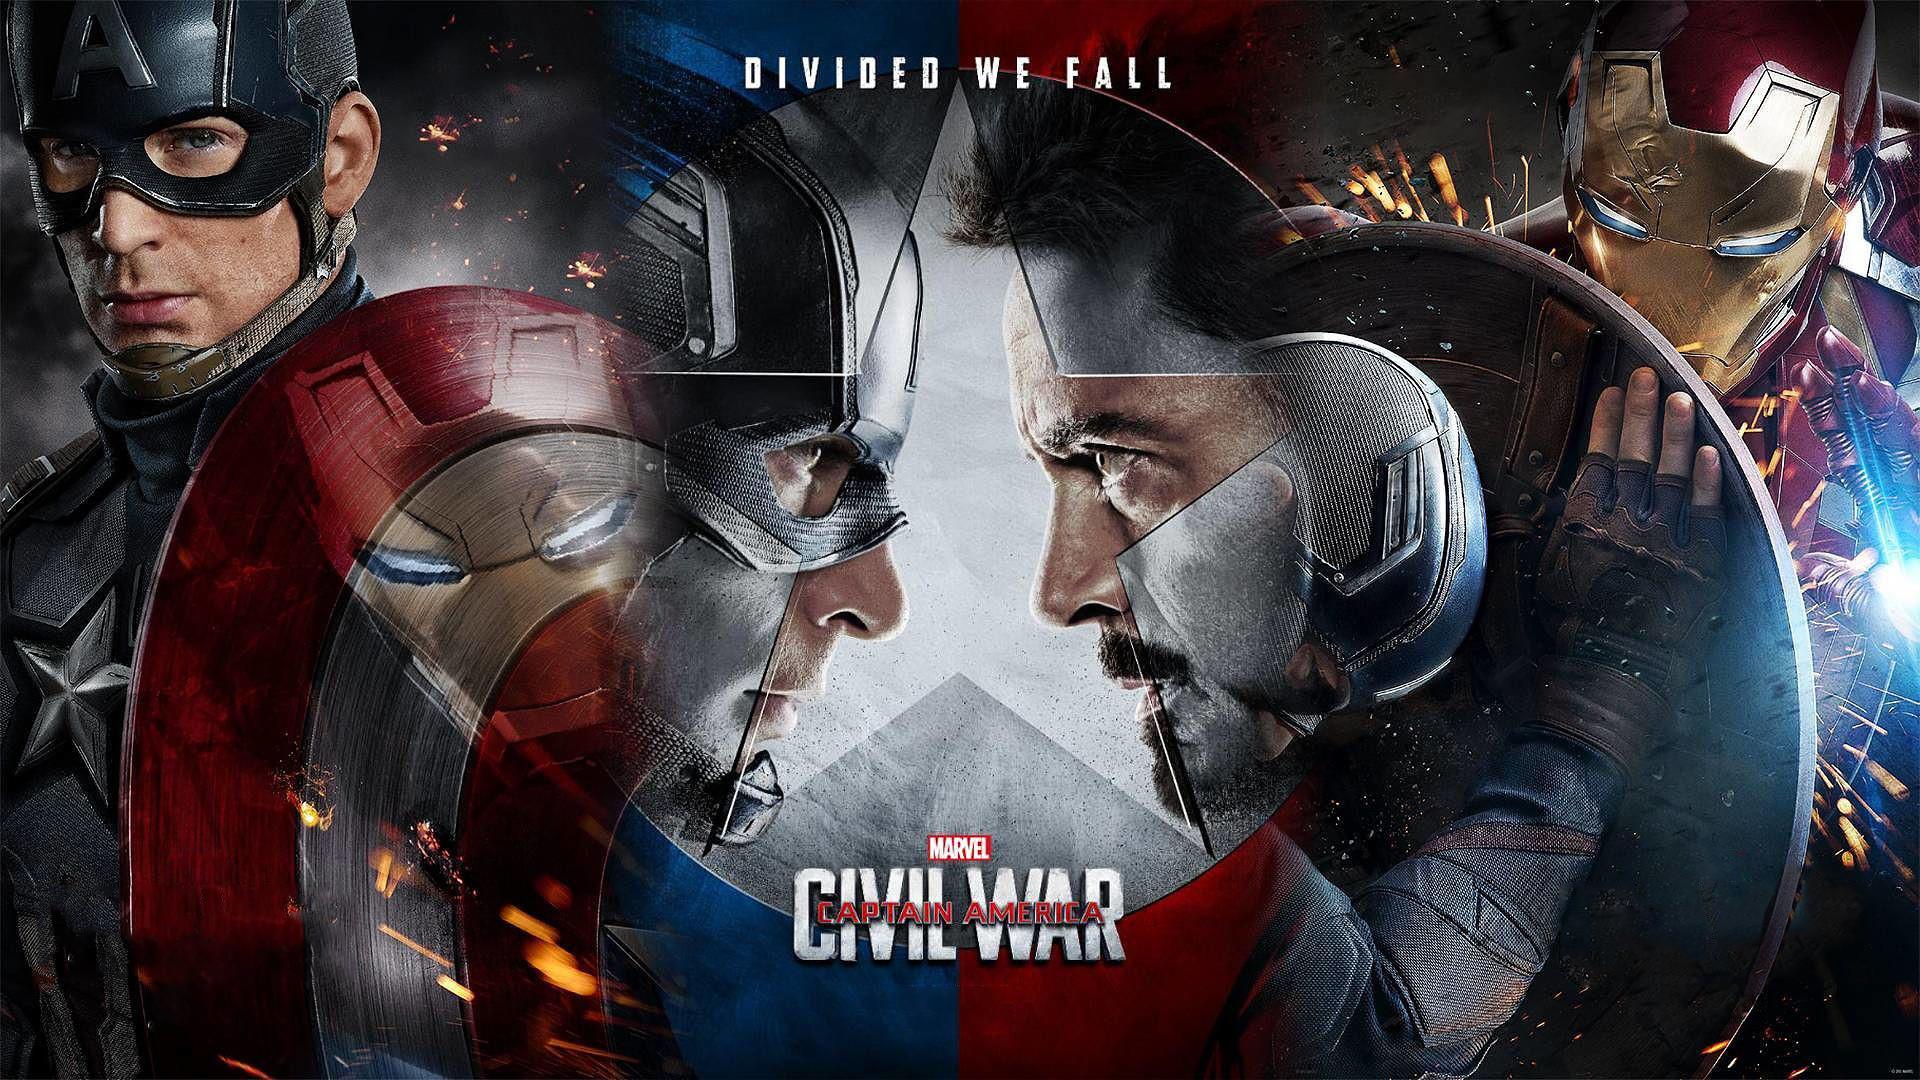 Captain America Civil War 1080p Wallpapers 72 Images